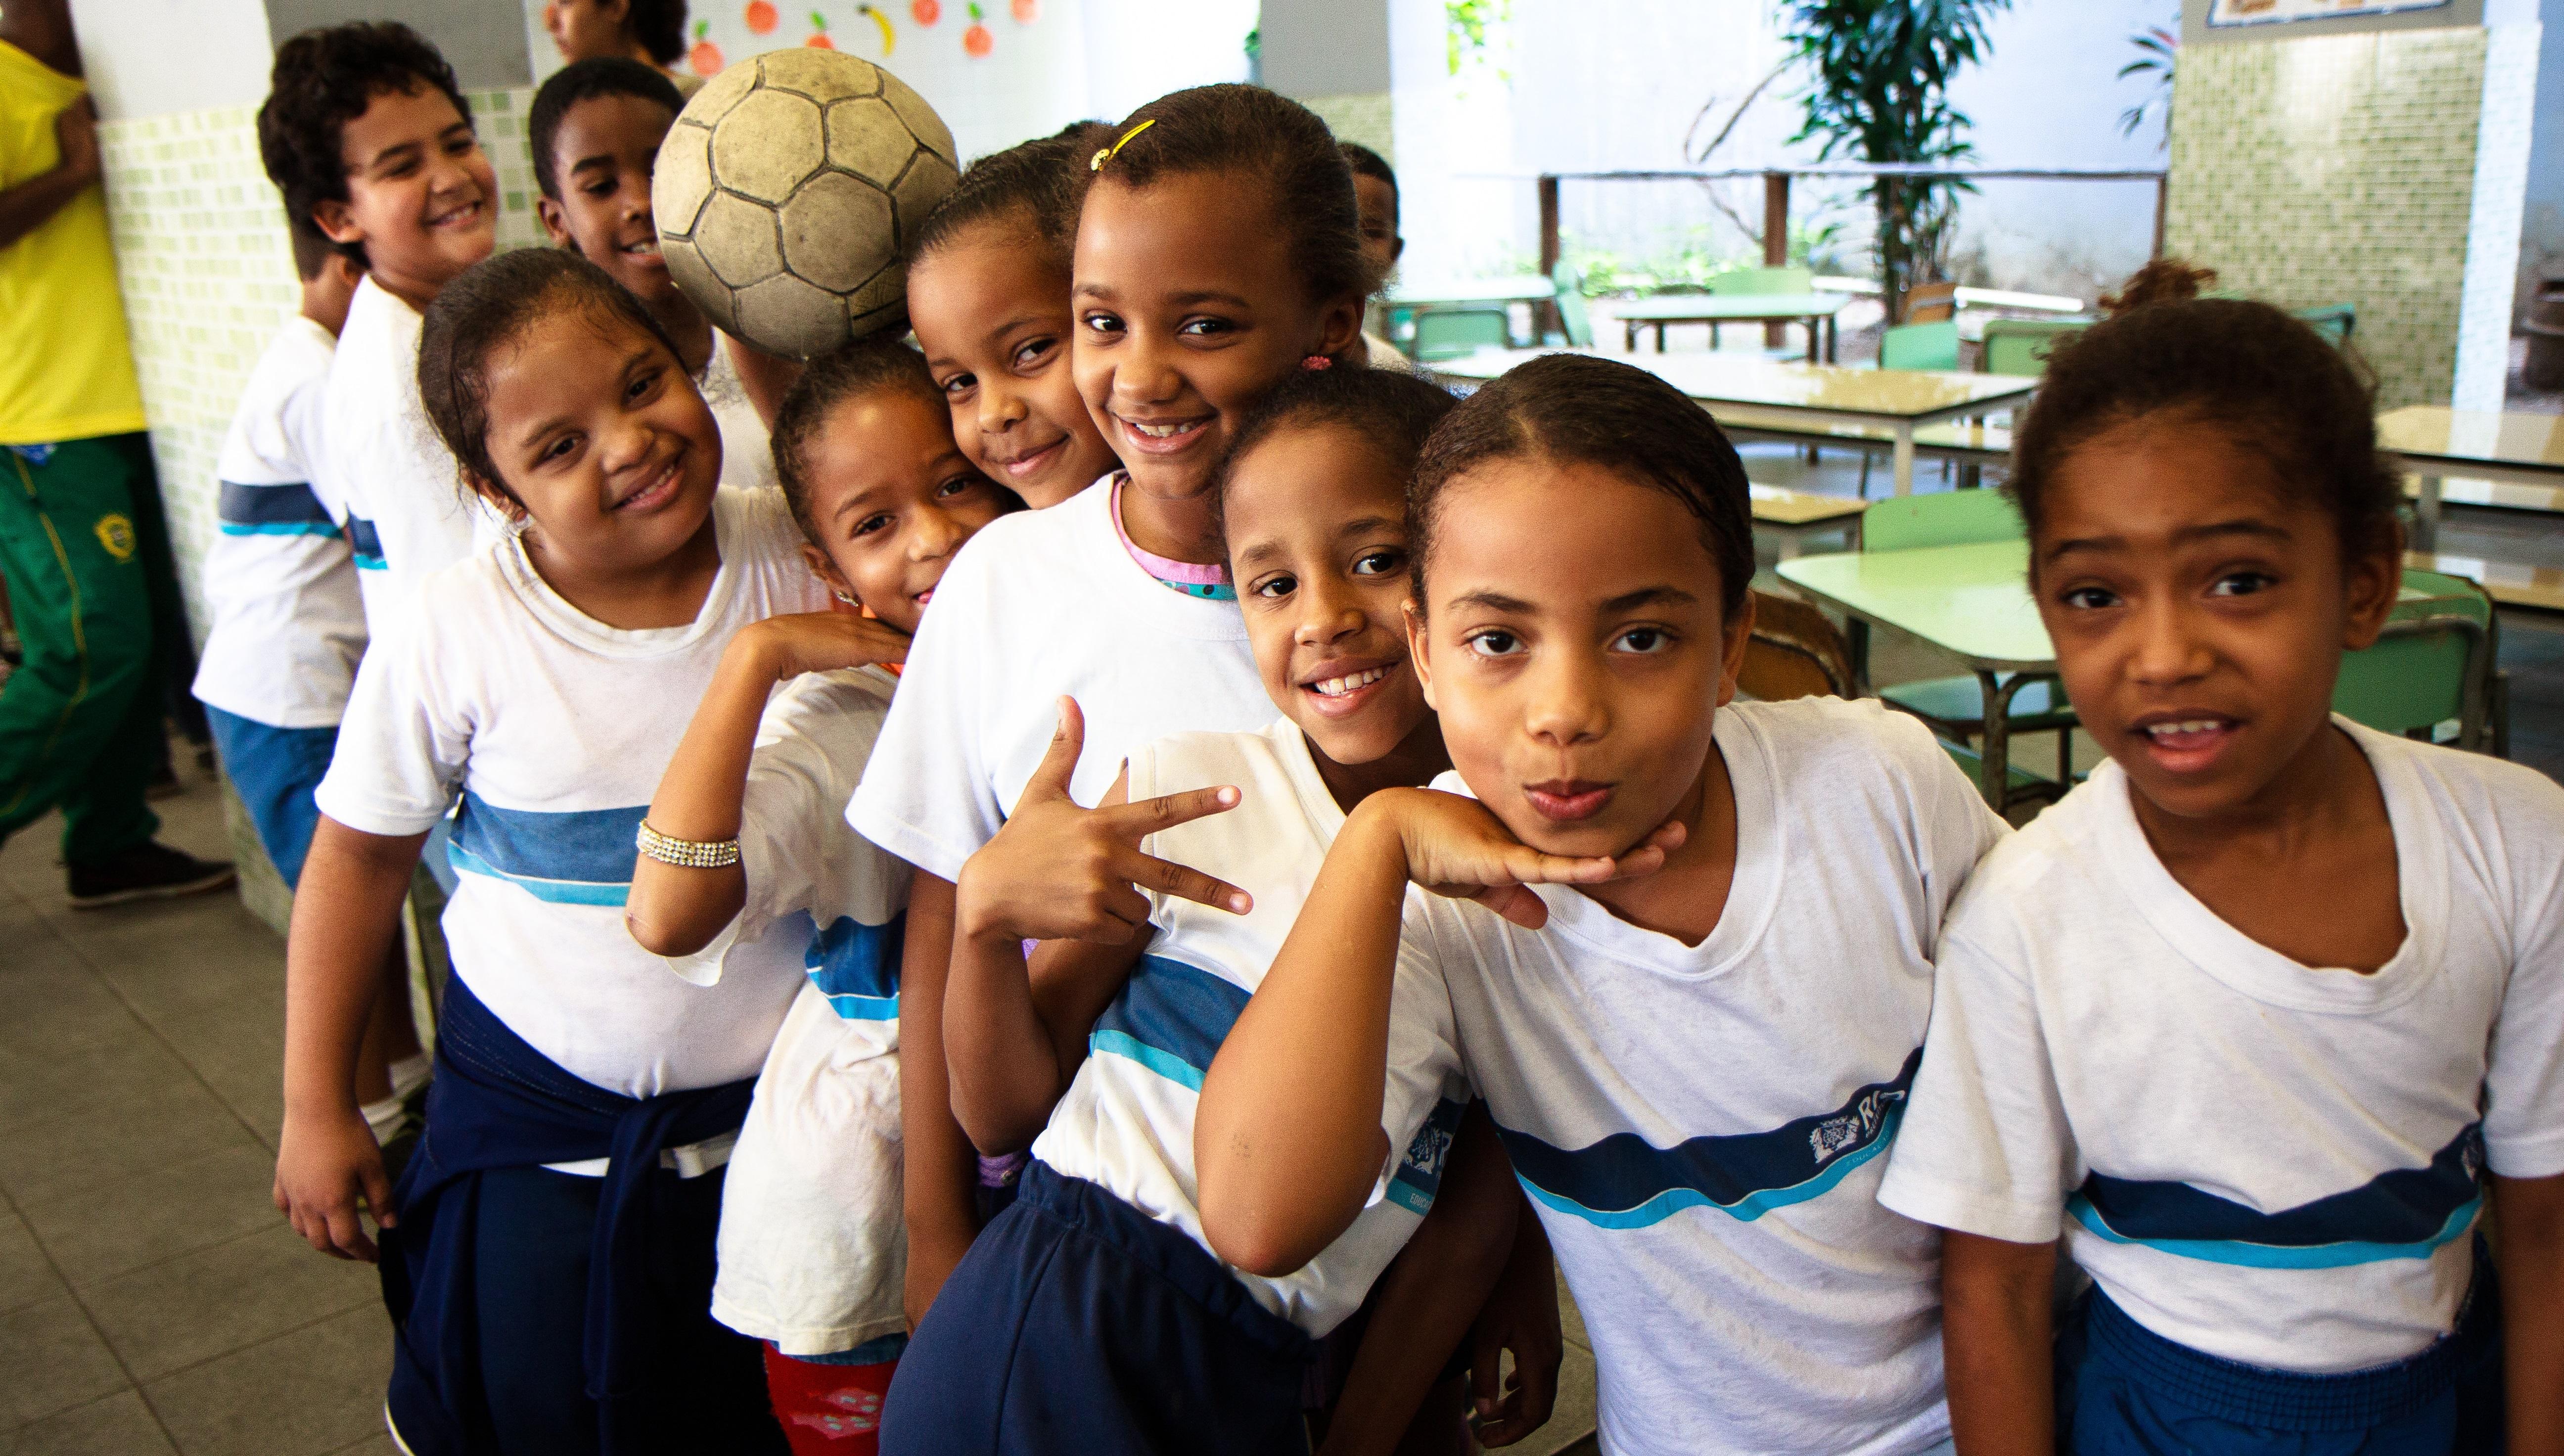 Várias garotas aparecem na imagem. Elas estão em fila, usam o uniforme da escola e fazem pose para a foto. Quase todas as meninas não têm deficiência, apenas uma tem síndrome de Down, mostrando que ela tem os mesmos direitos à educação que as demais.